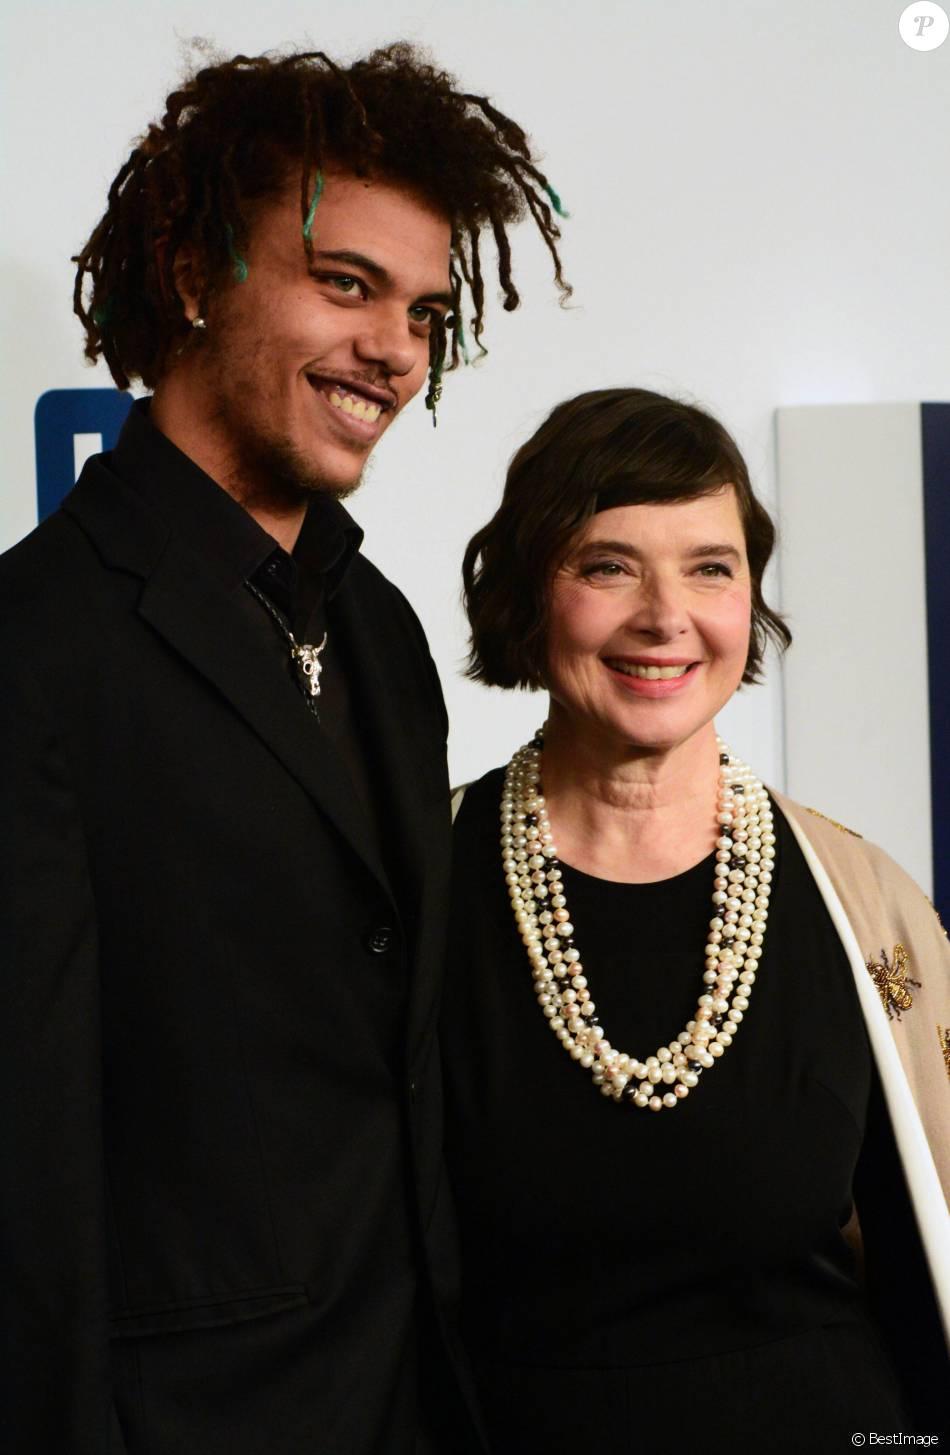 Isabella Rossellini et et son fils Roberto Rossellini Jr à la première de 'Joy' au Ziegfeld Theatre à New York, le 13 décembre 2015.